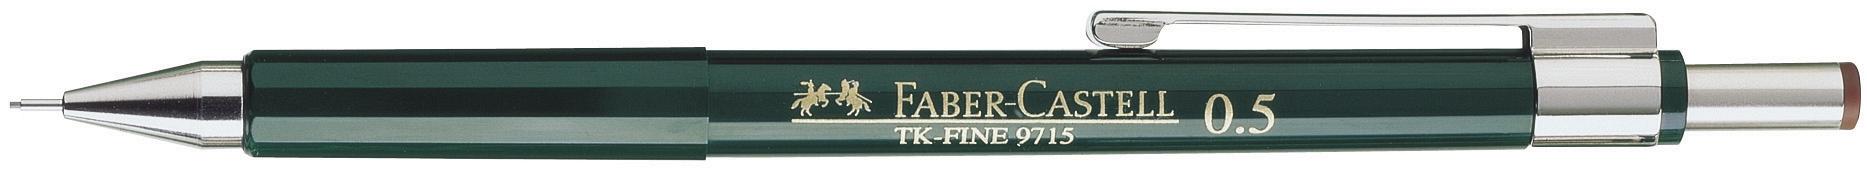 Faber-Castell Druckbleistift TK® FINE 9715 0,5mm